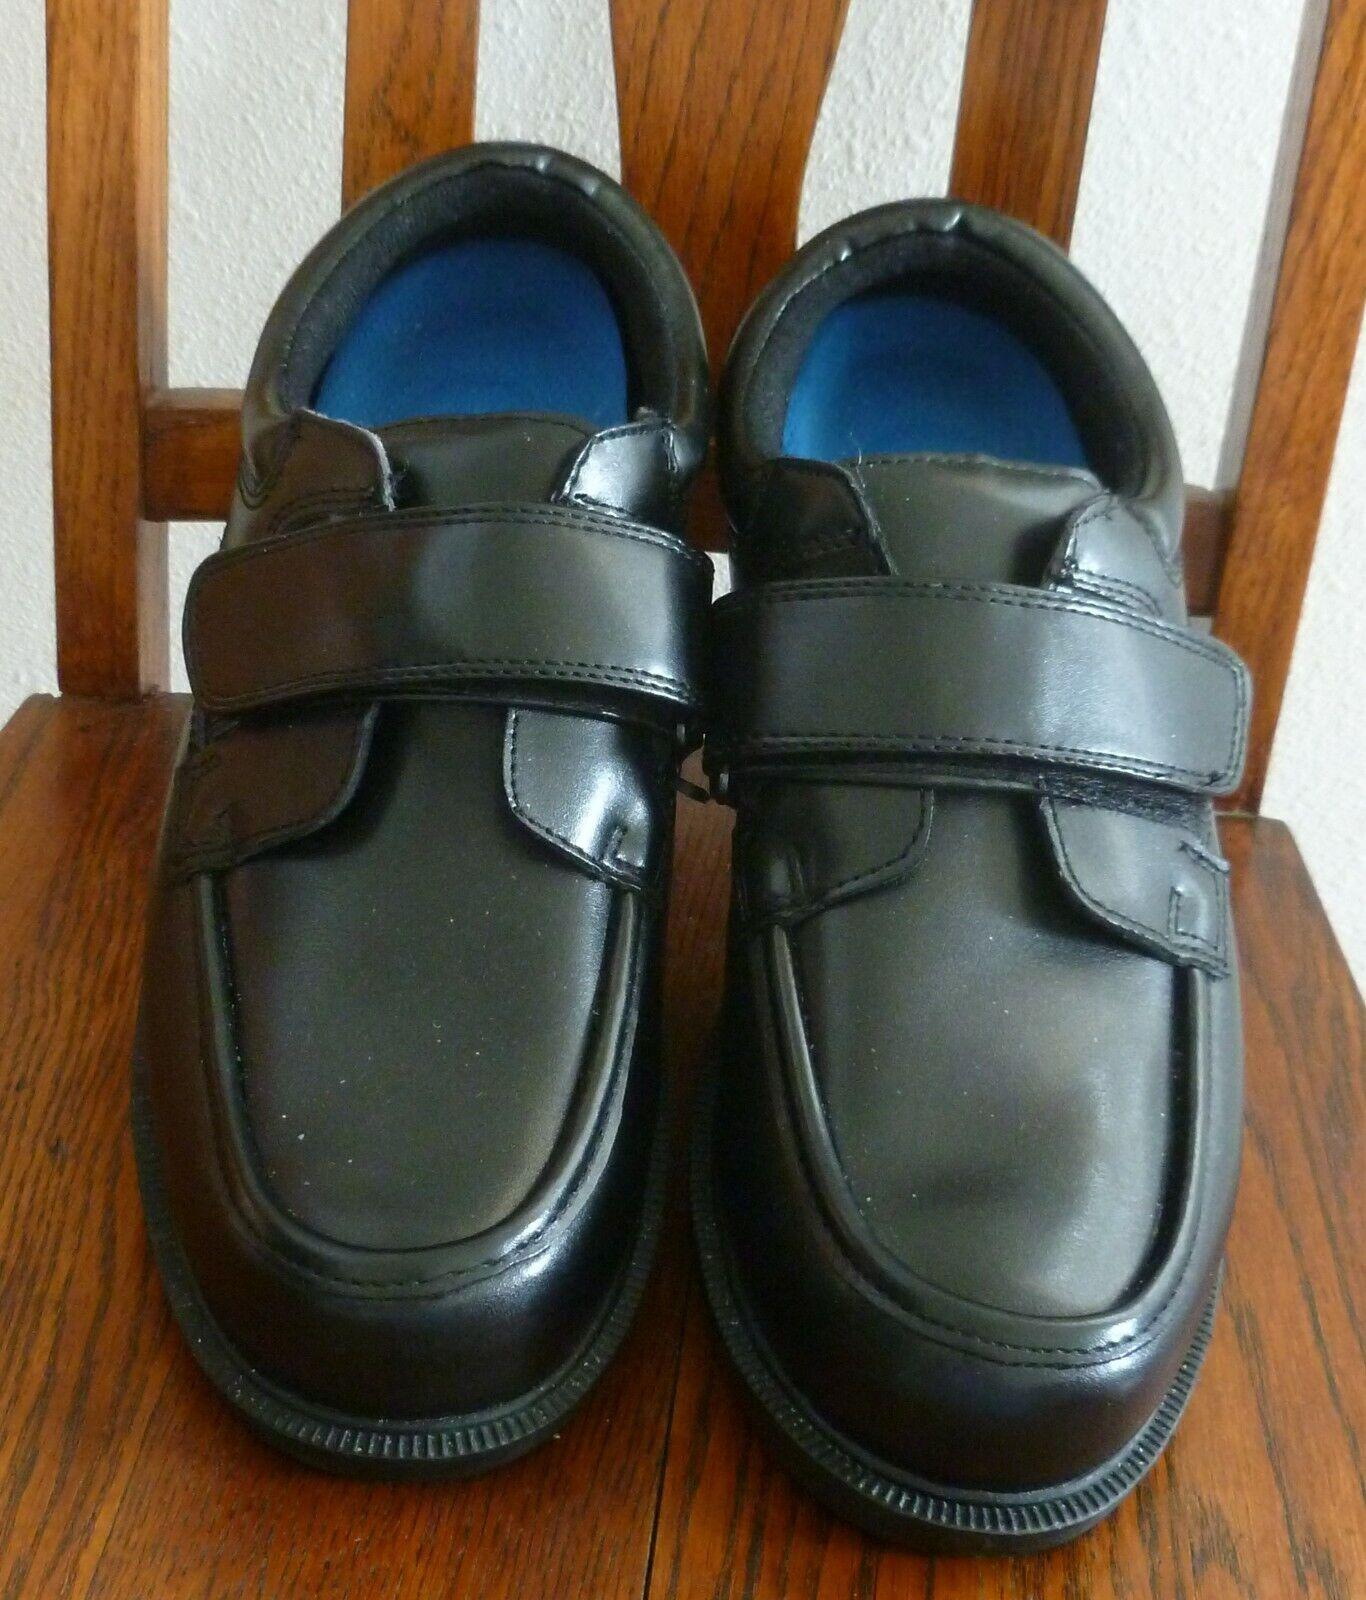 Dr Scholl's Black Leather Comfort SHOES 902337 & INSOLES EZ Strap Slip On 9.5 D